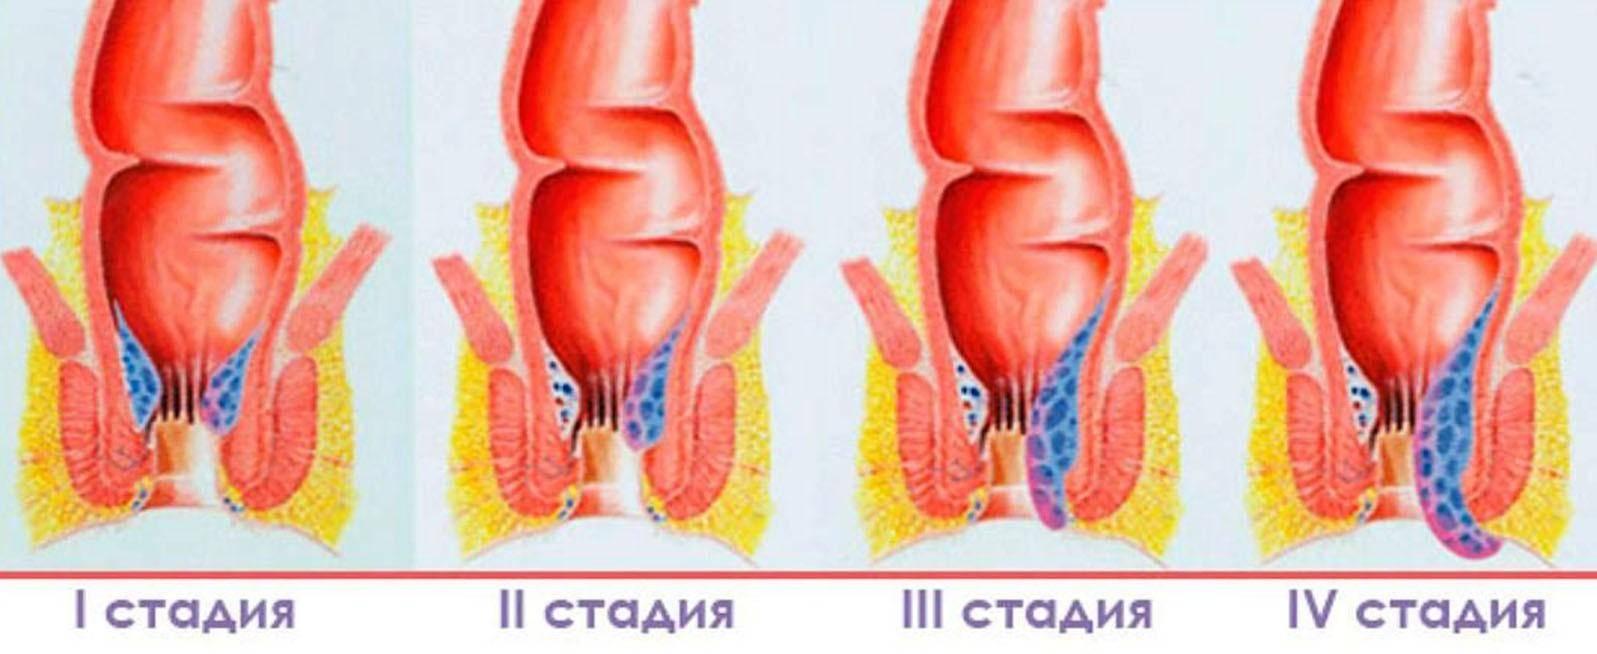 Основные симптомы и особенности лечения геморроя 2 степени